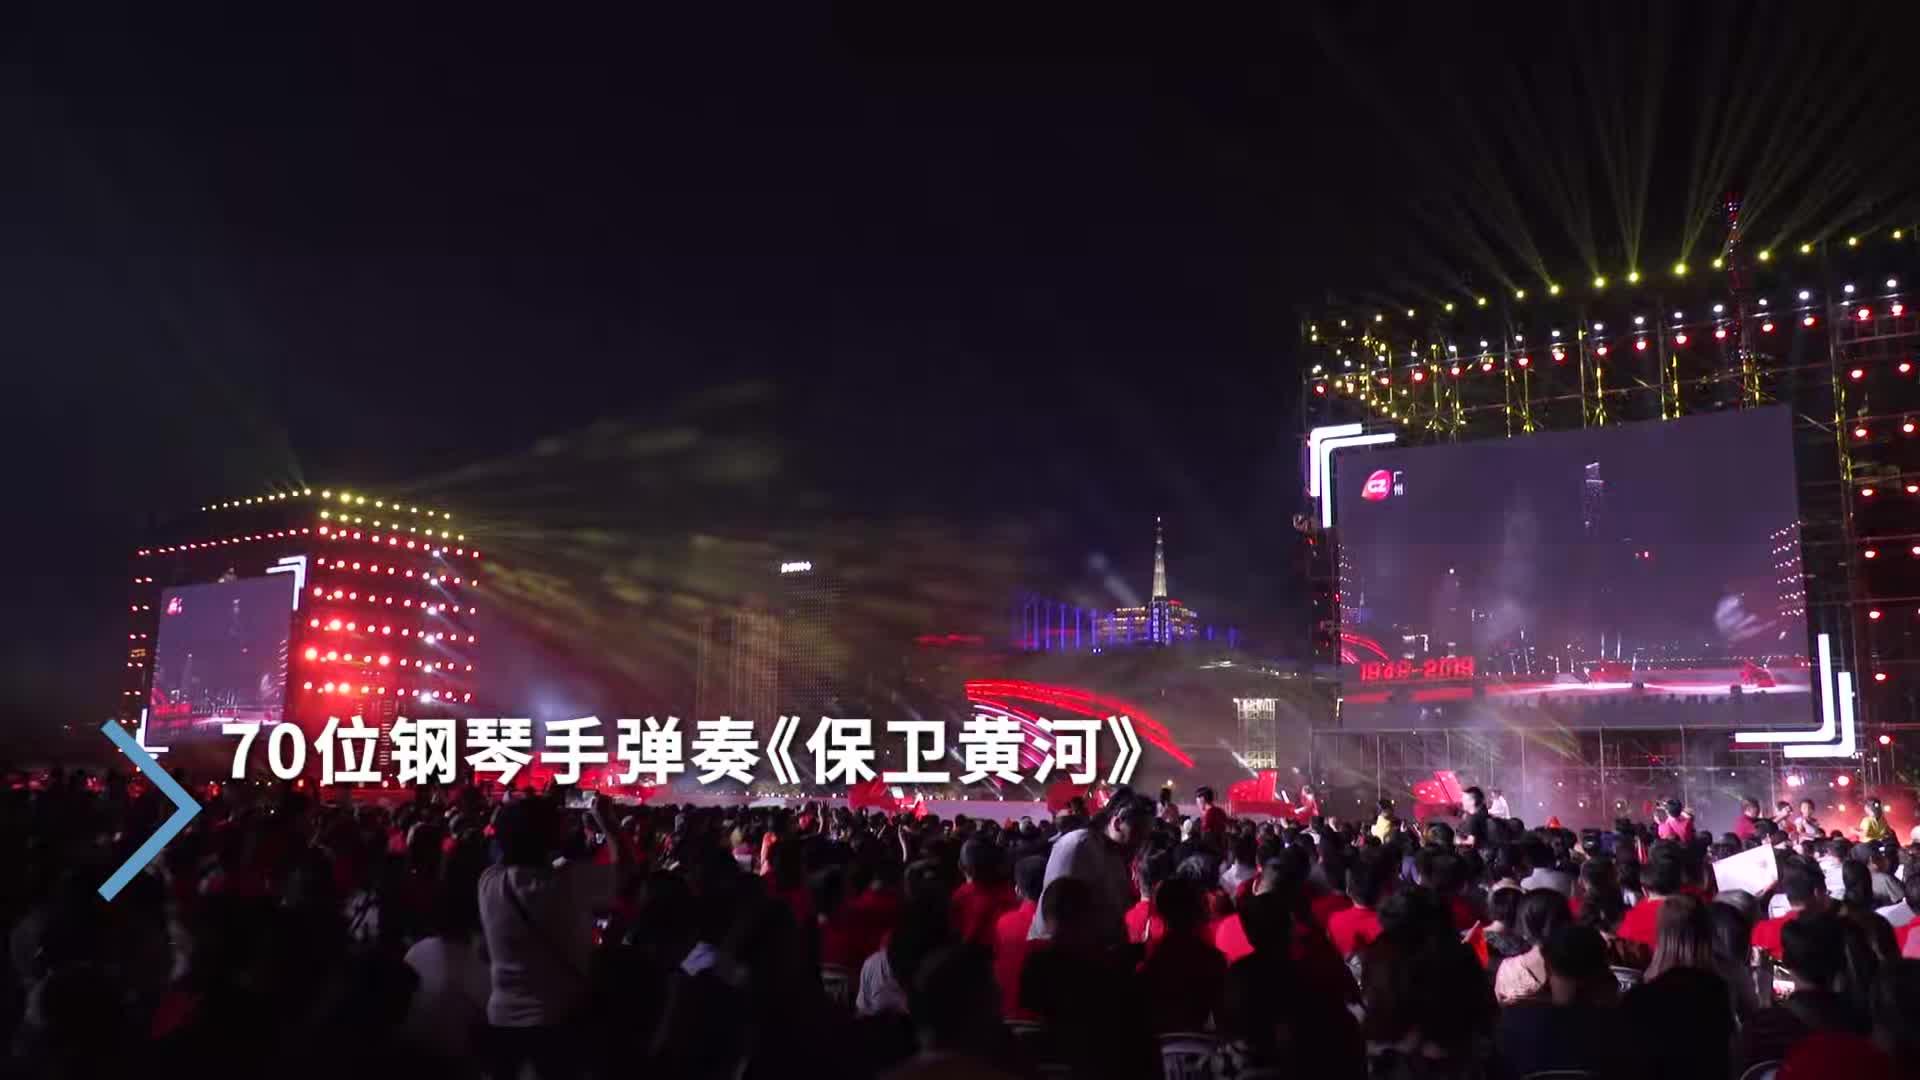 精彩回顾:今晚,广州塔下的派对燃爆了!羊城观众最强表白祖国!